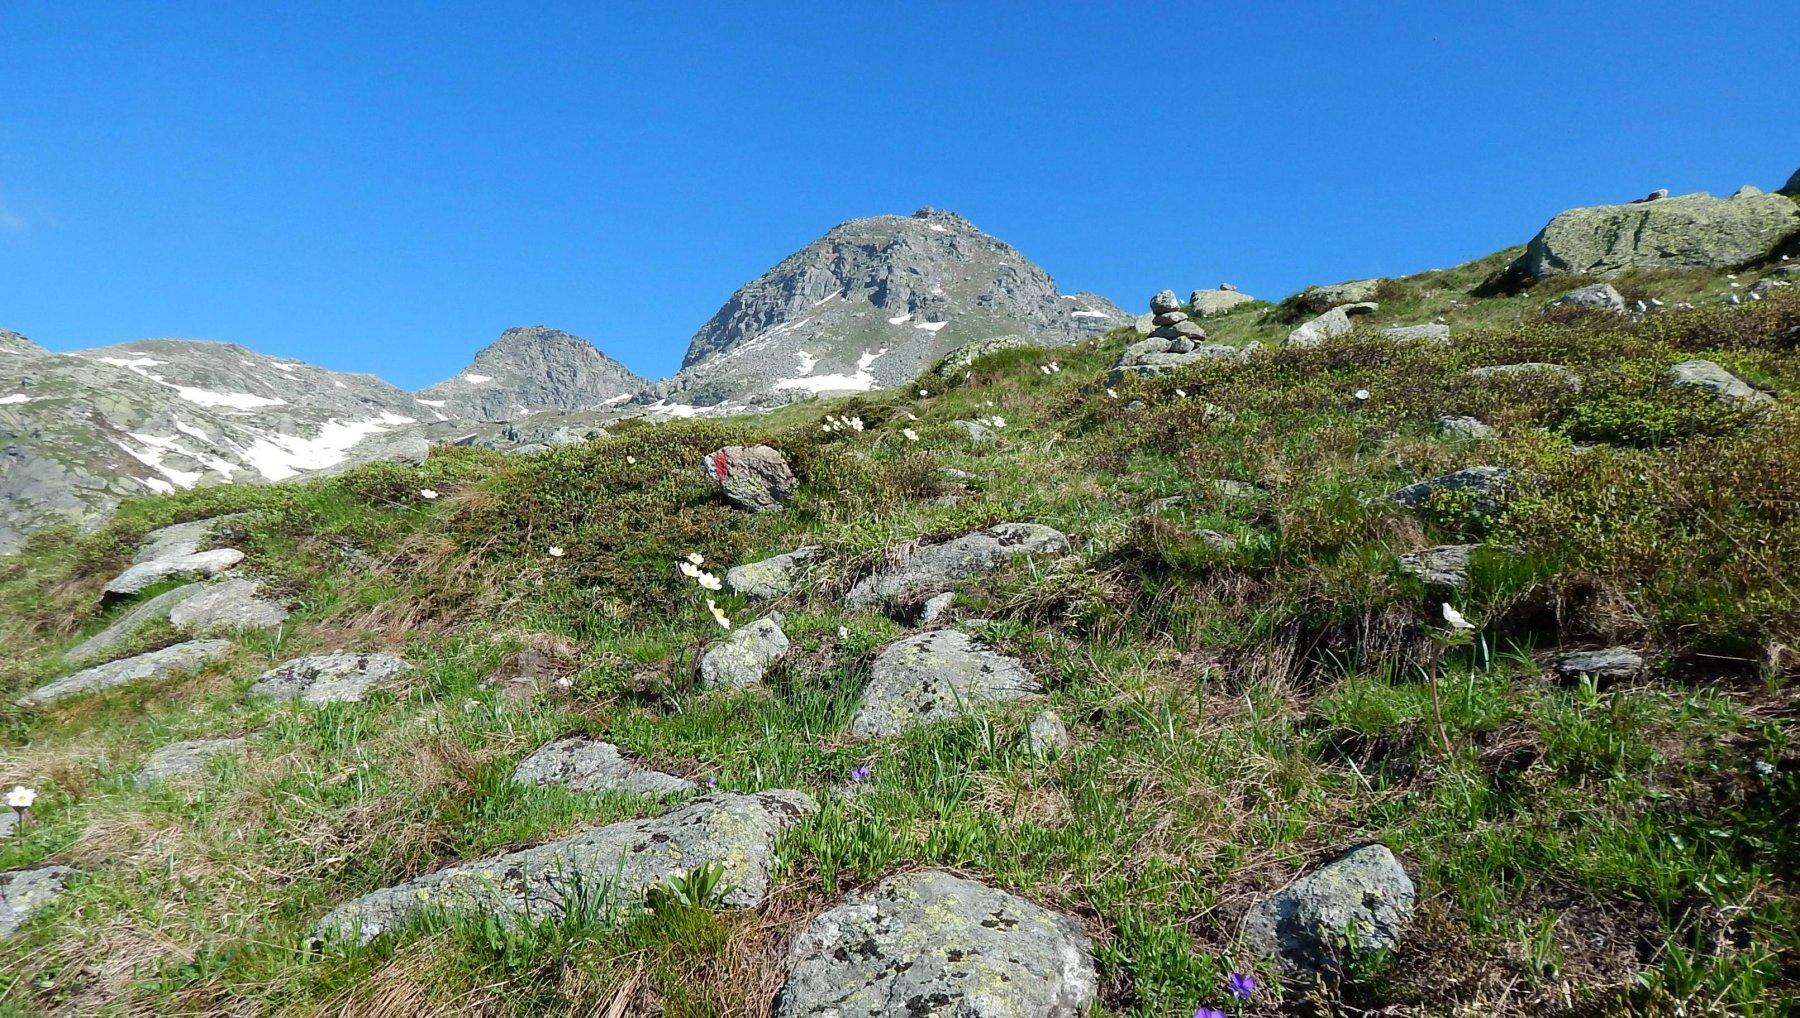 il monte Morion visto dalla dorsale